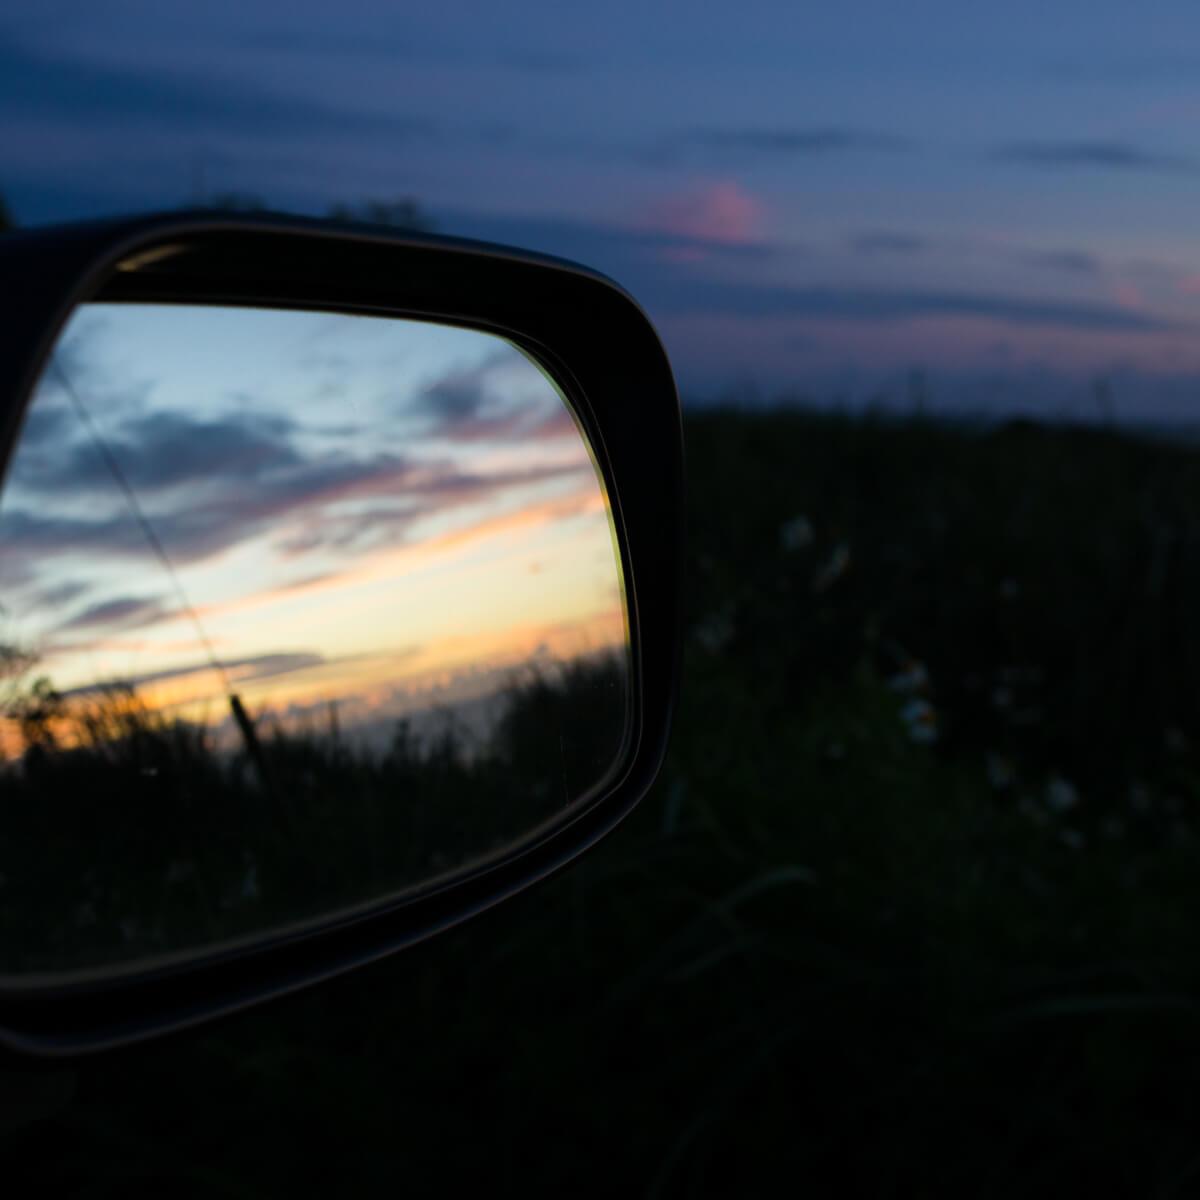 車窓より望む 屋久島の夕暮れ時 屋久島日々の暮らしとジュエリー オーダーメイドマリッジリングのインスプレーション